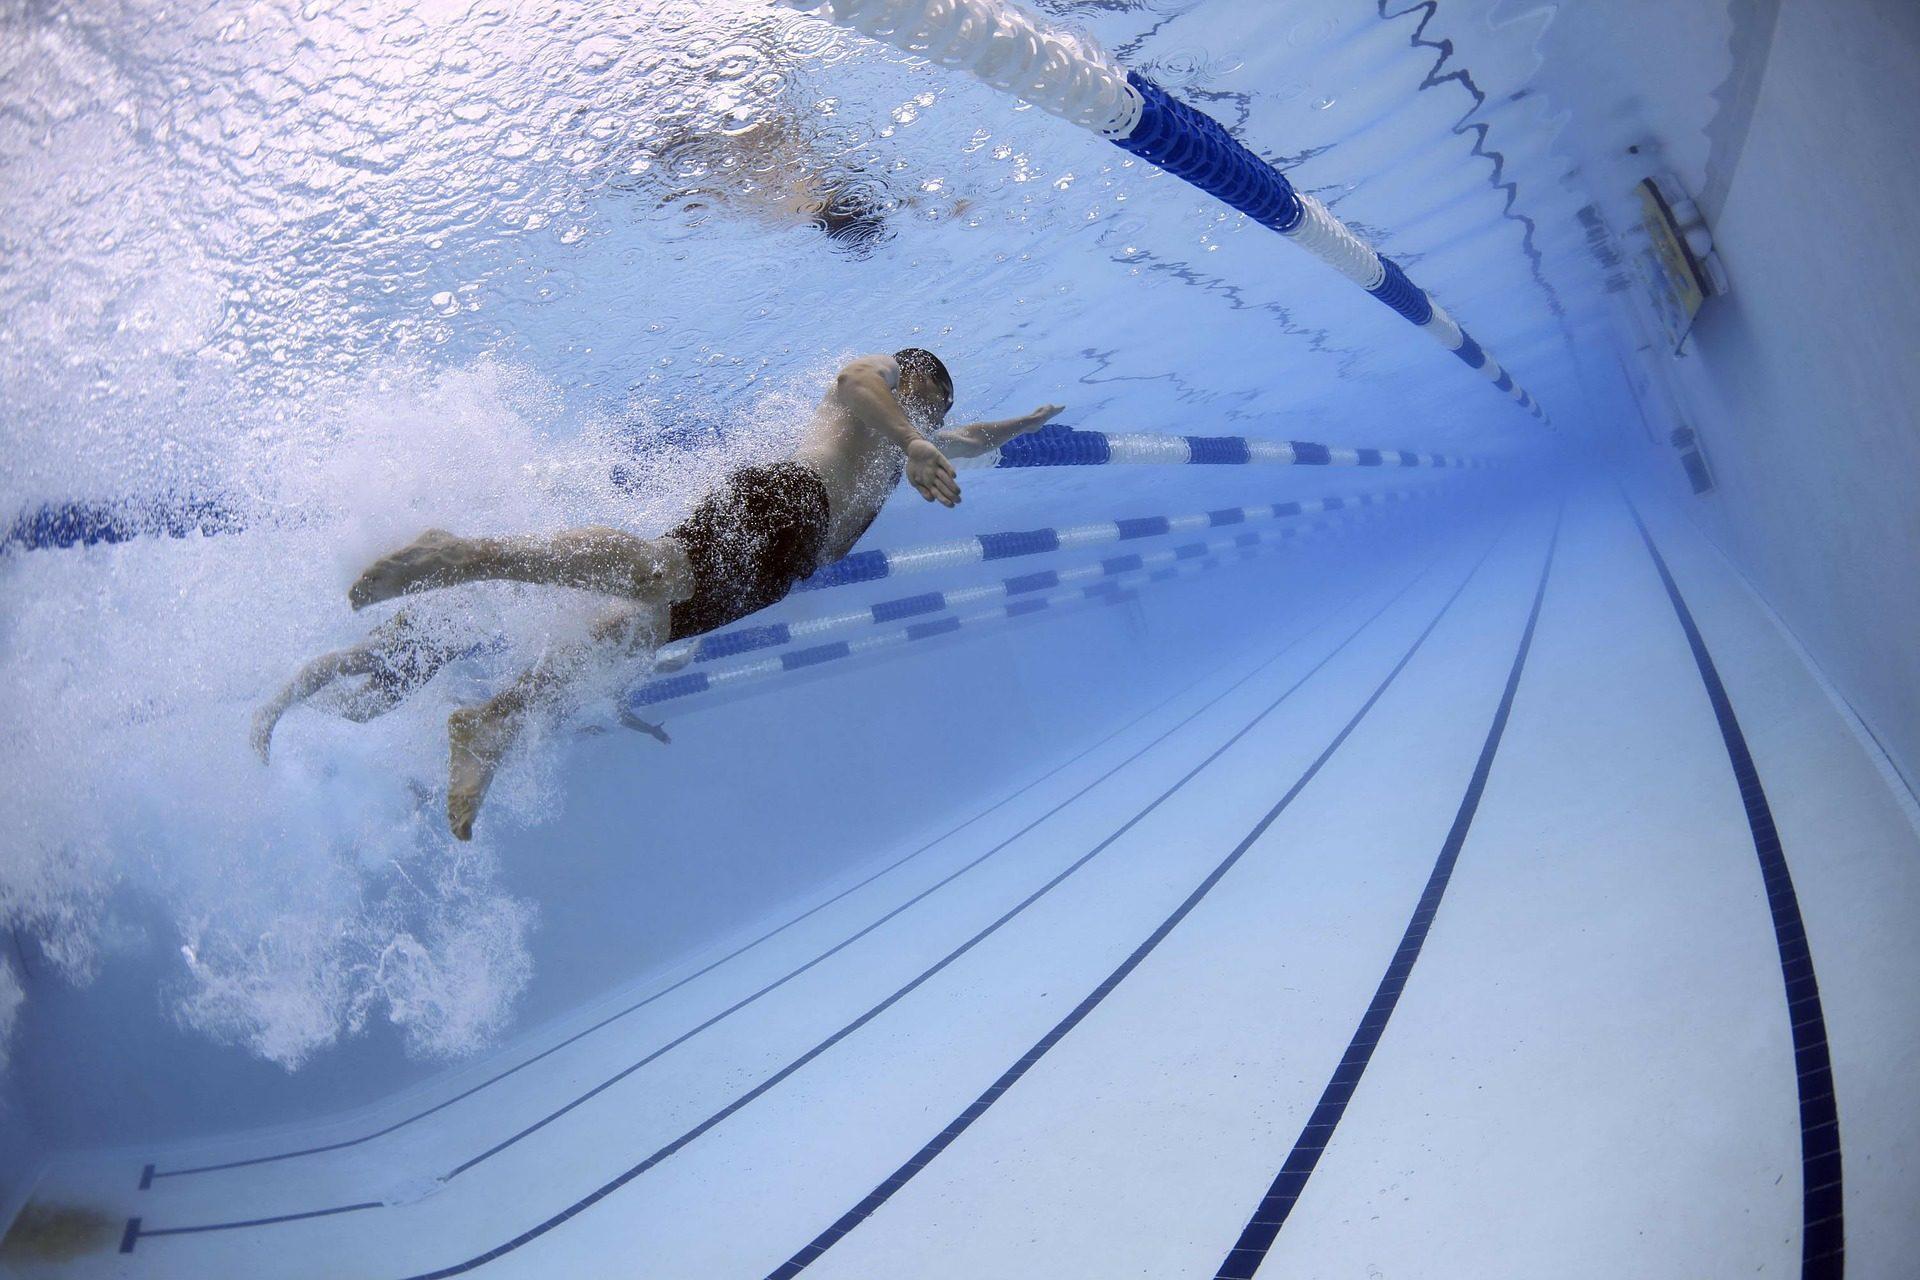 das Bild zeigt einen Mann beim Scwimmtraining in einem großen Schwimmbecken